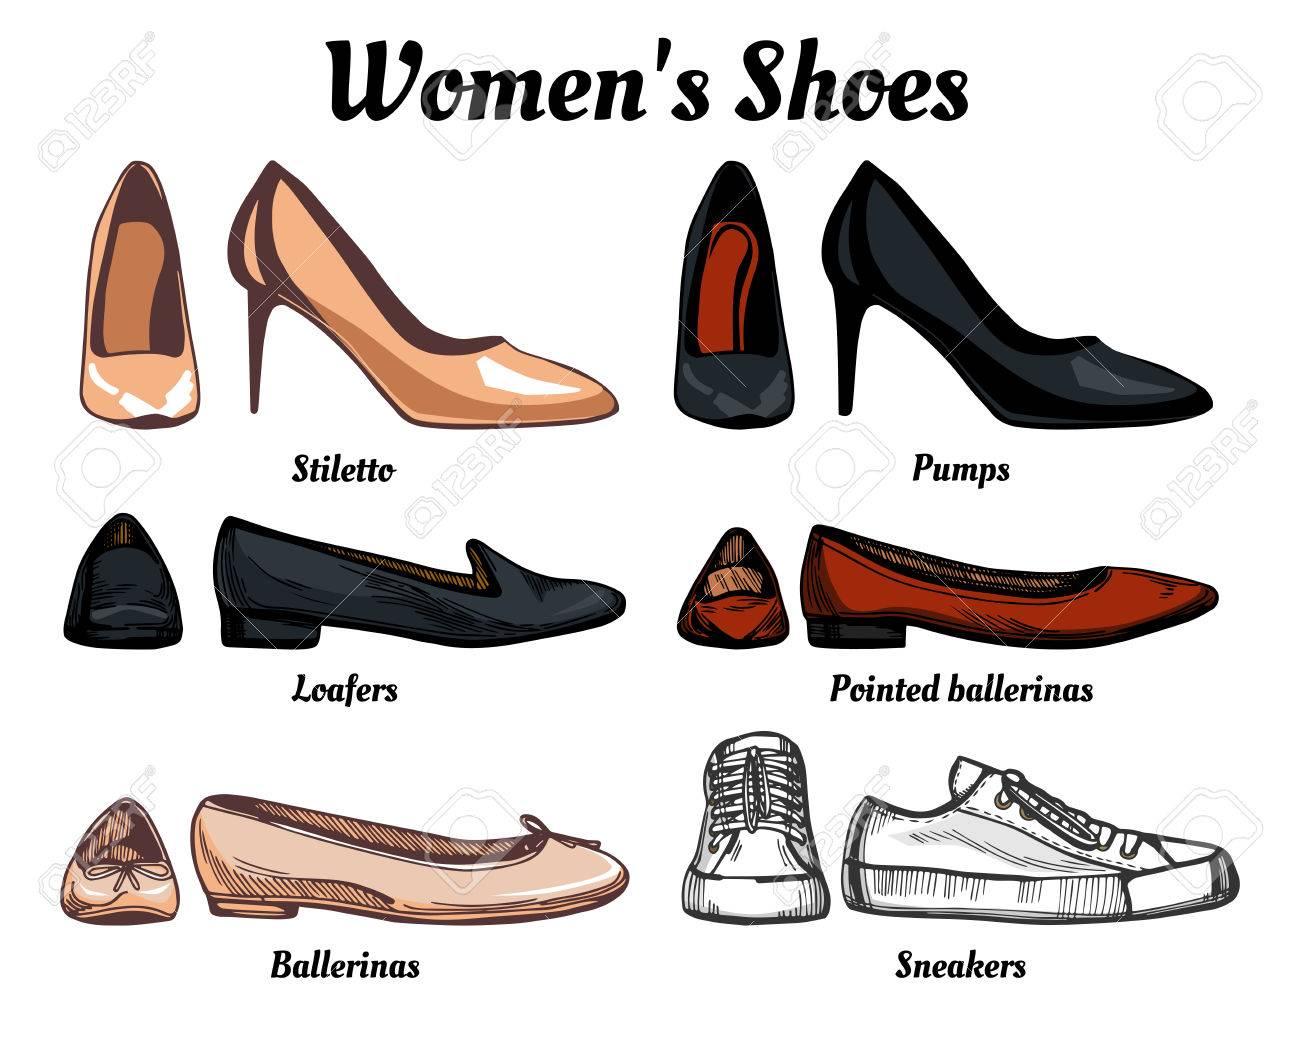 Clasificación de tipos de zapatos para mujer. Oxfords, mocasines, ballerinas simples y puntiagudas, bombas, tacones de aguja.